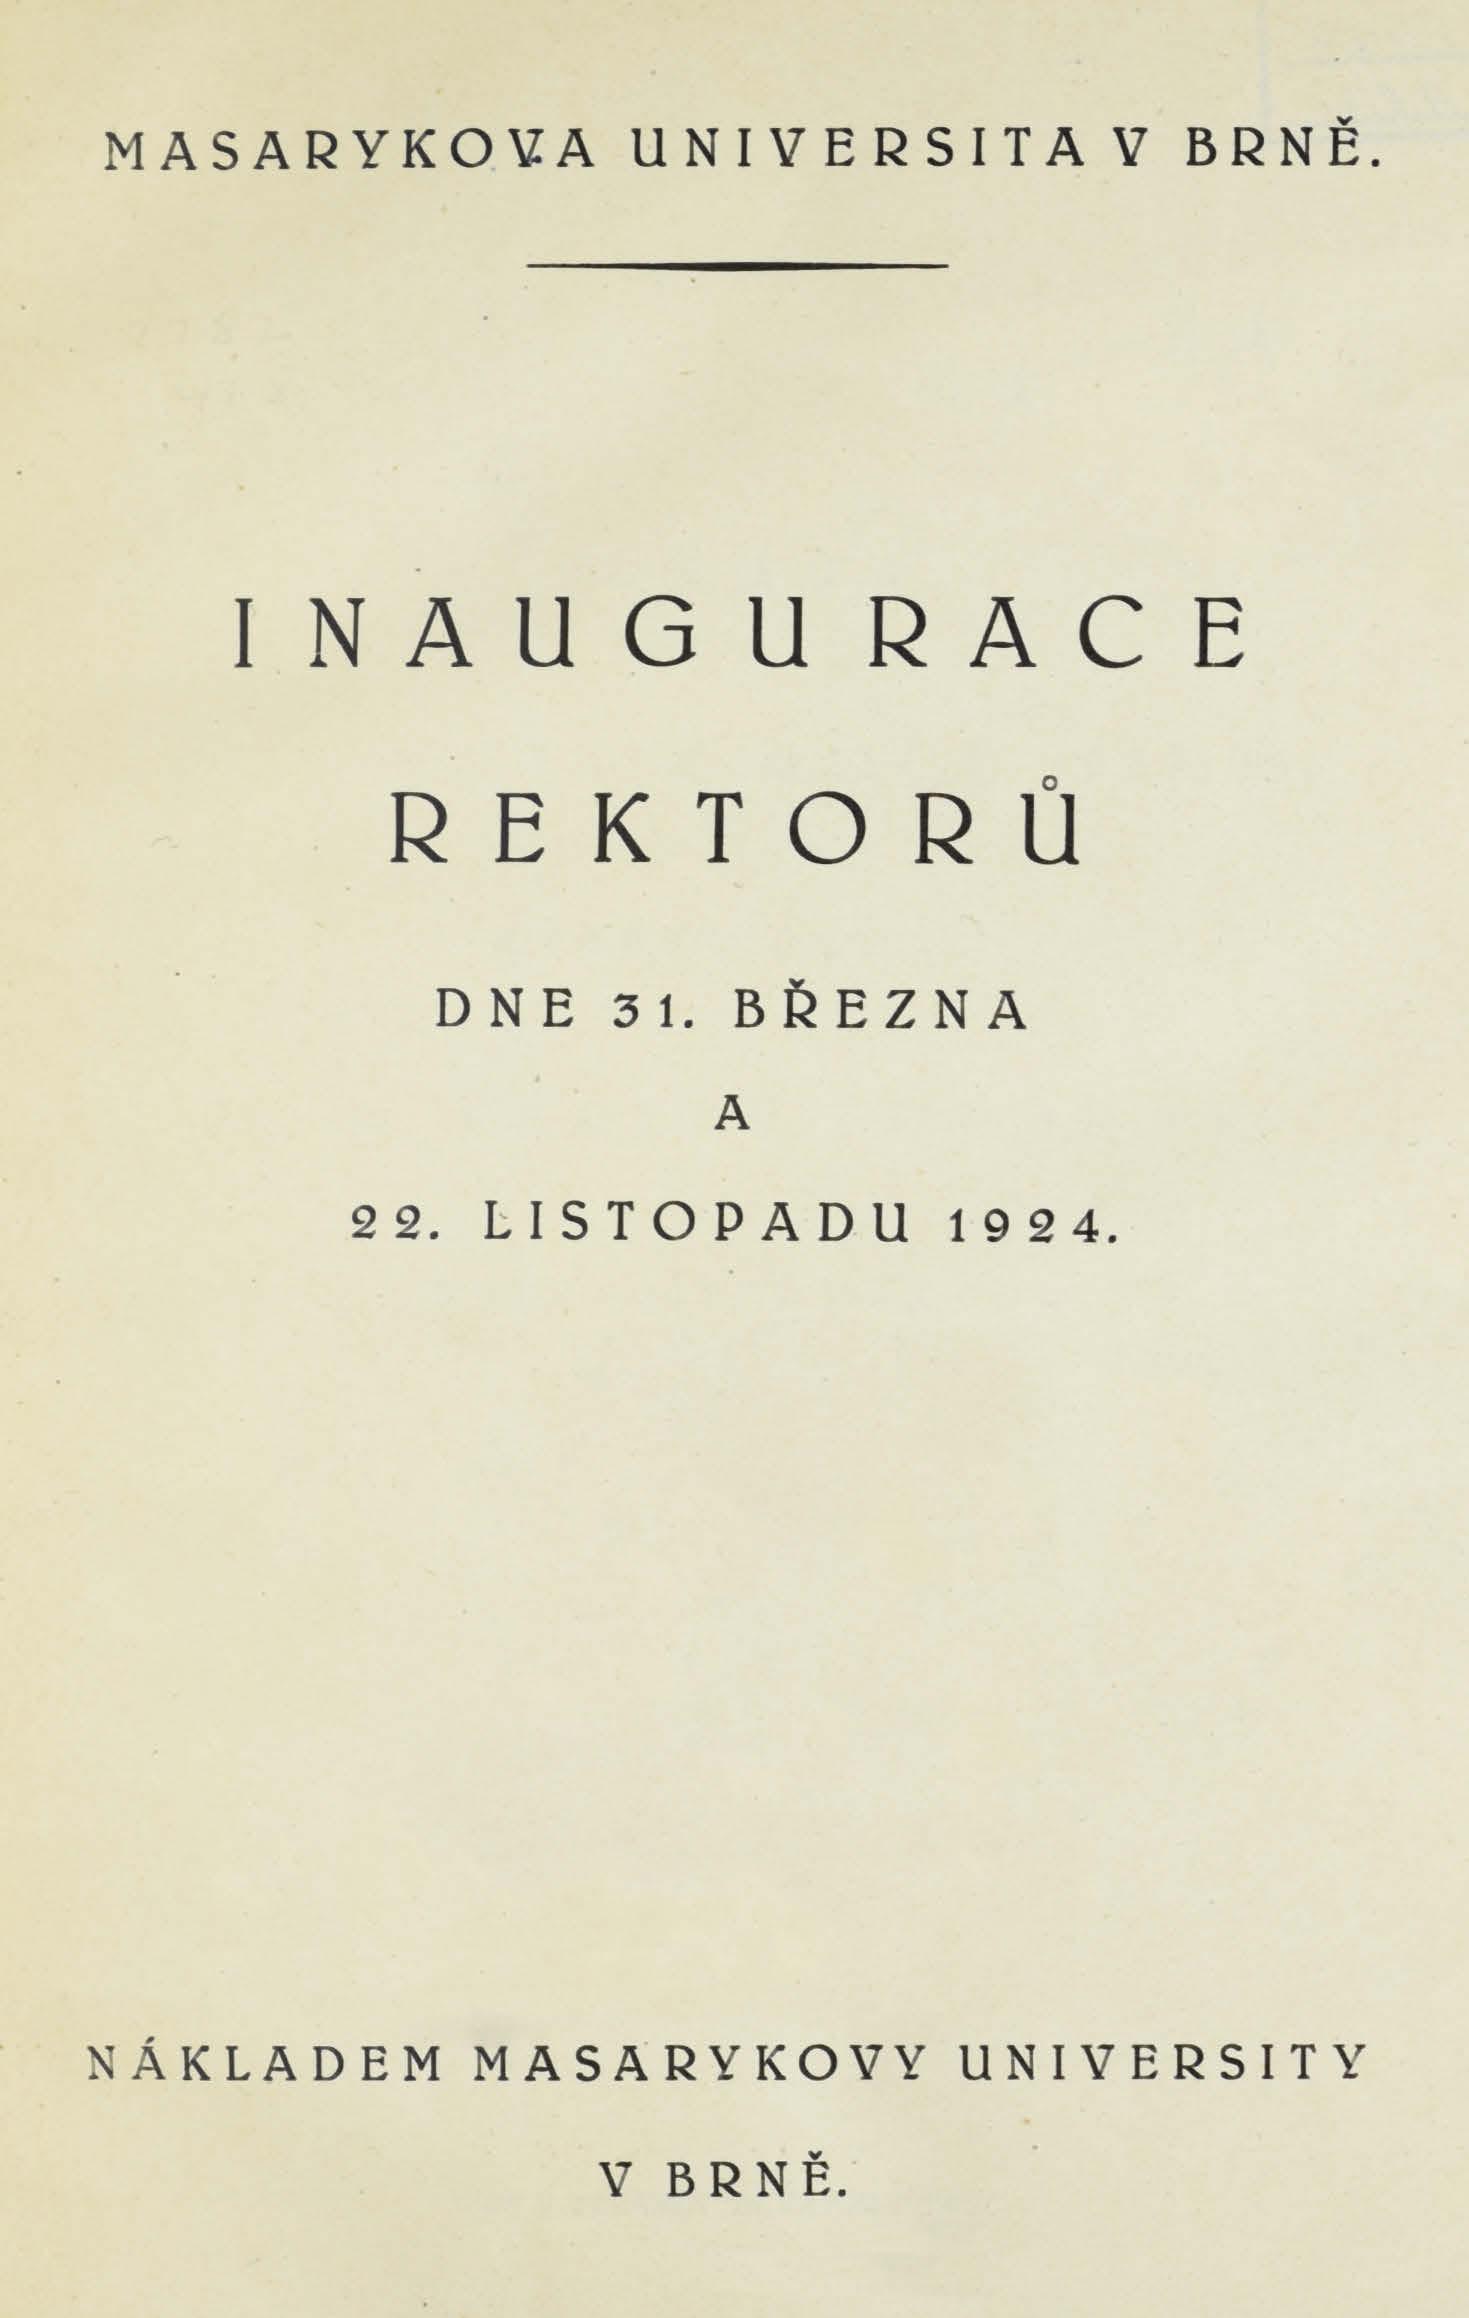 Obálka pro Inaugurace rektorů 3. III. a 22.XI. 1924